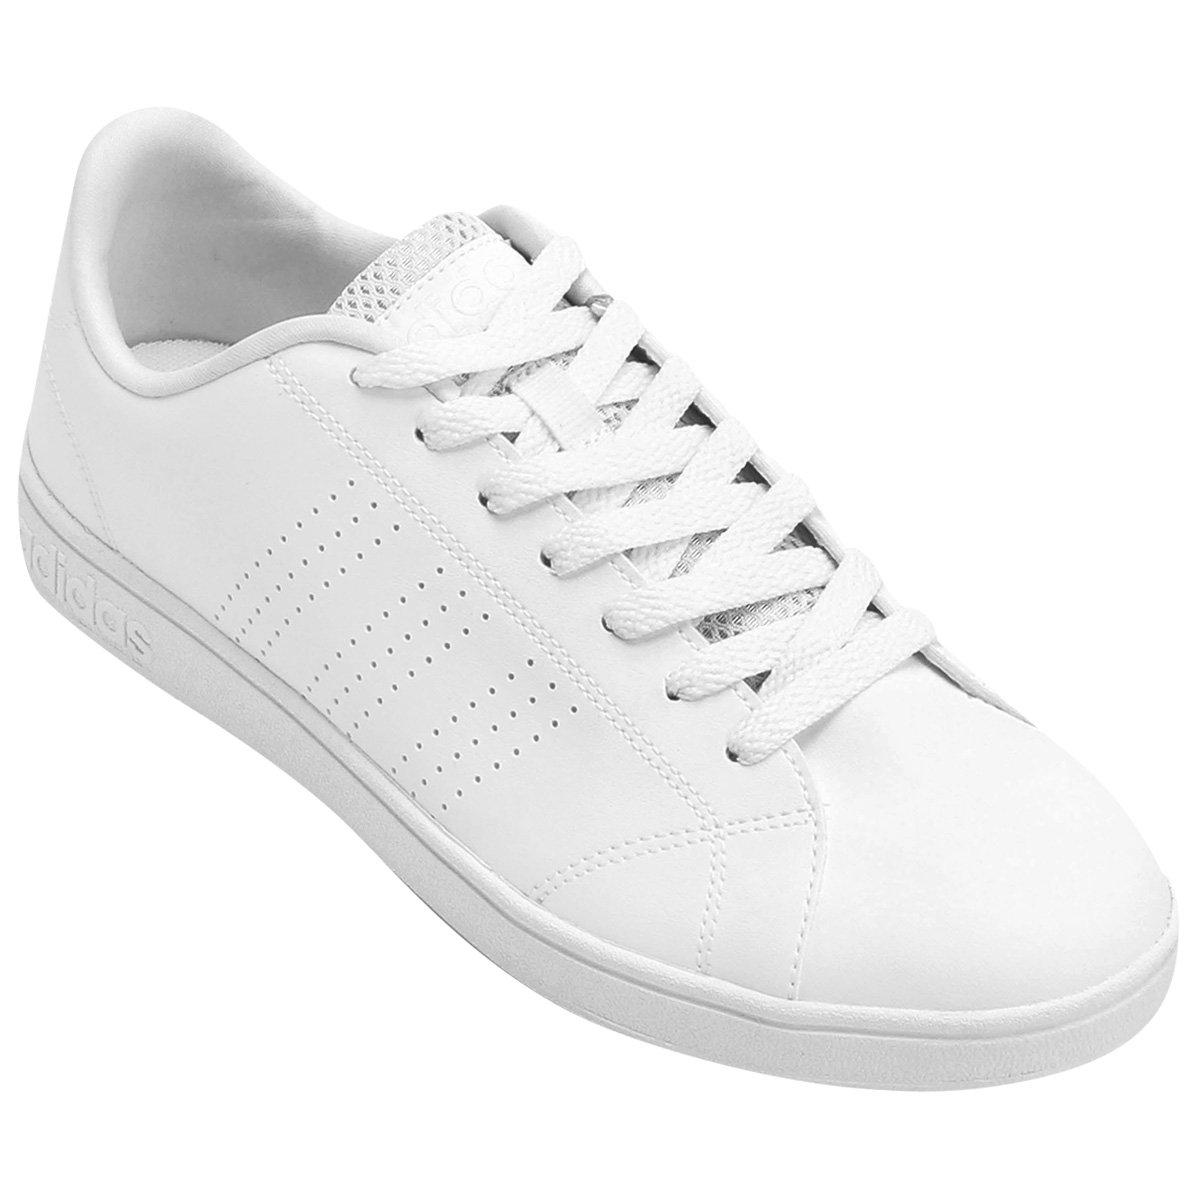 7a4bf694f5f Tênis Adidas Vs Advantage Clean Masculino - Branco - Compre Agora ...